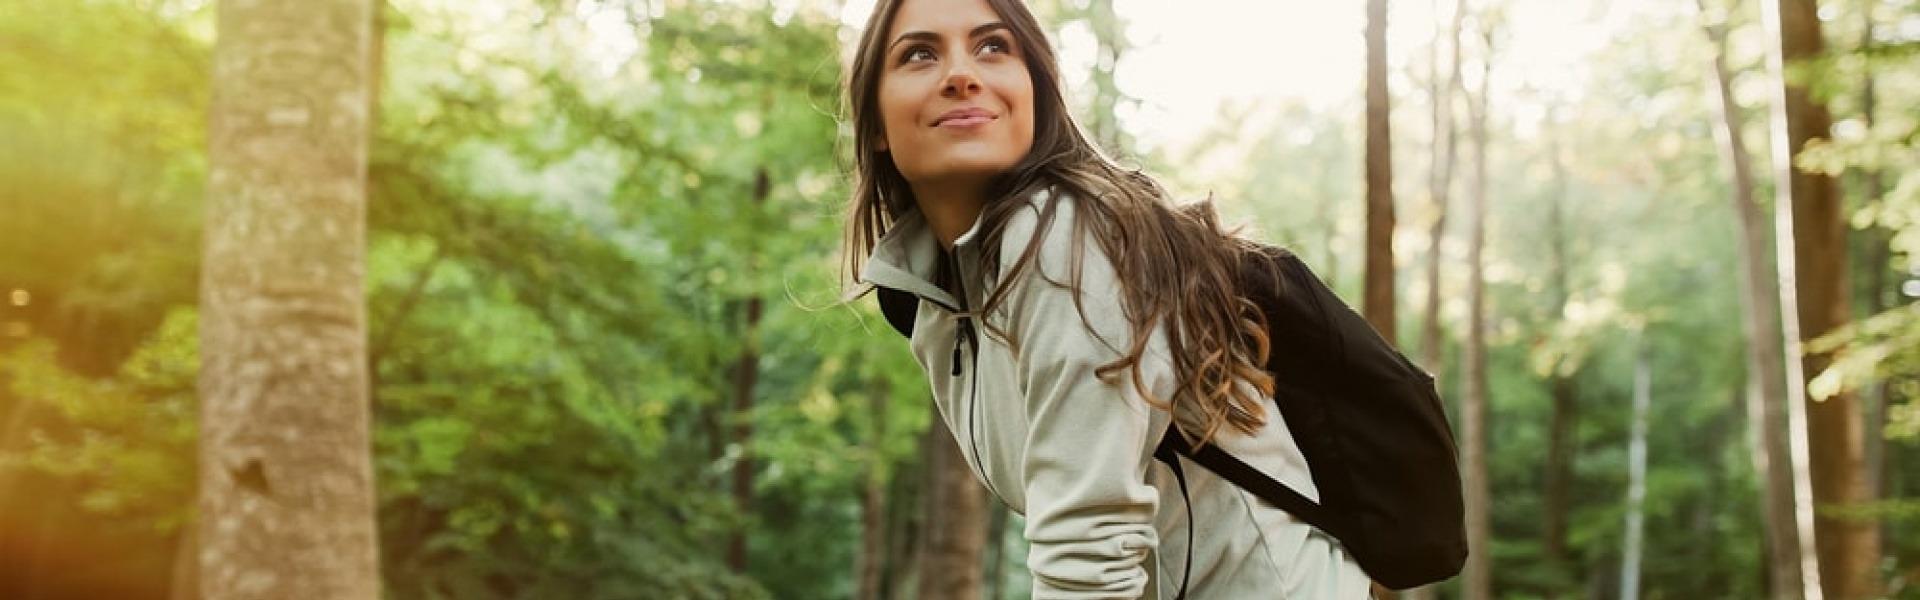 Eine Frau ist glücklich und entspannt beim Wandern